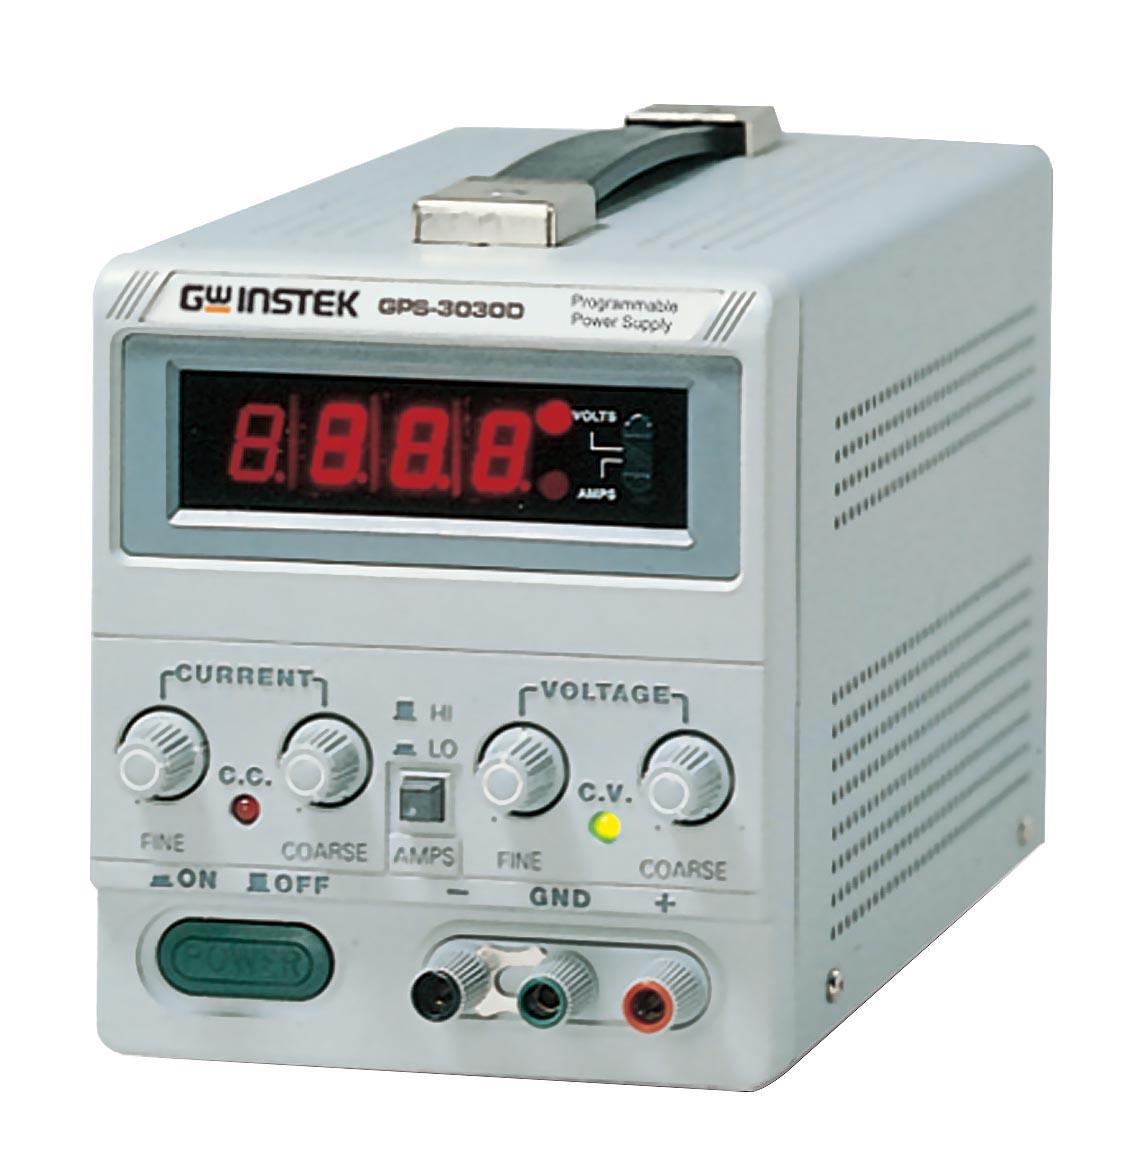 テクシオ・テクノロジー 直流電源装置 GPS-1830D